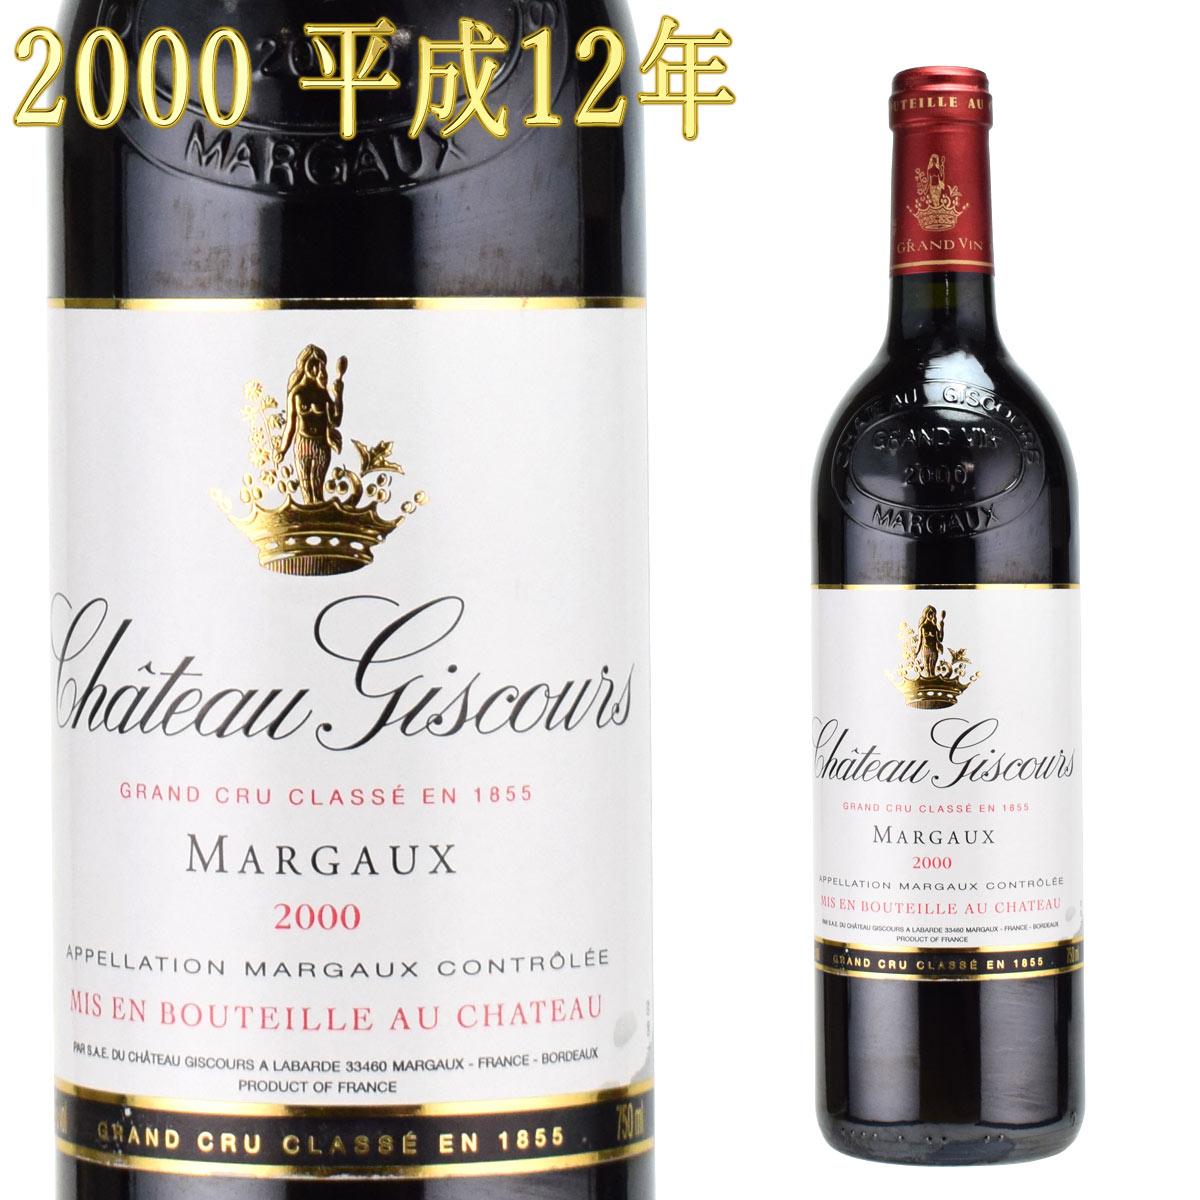 シャトー・ジスクール 2000 750ml赤 マルゴー 格付3級 Chateau Giscours フランス ボルドー ラバルド